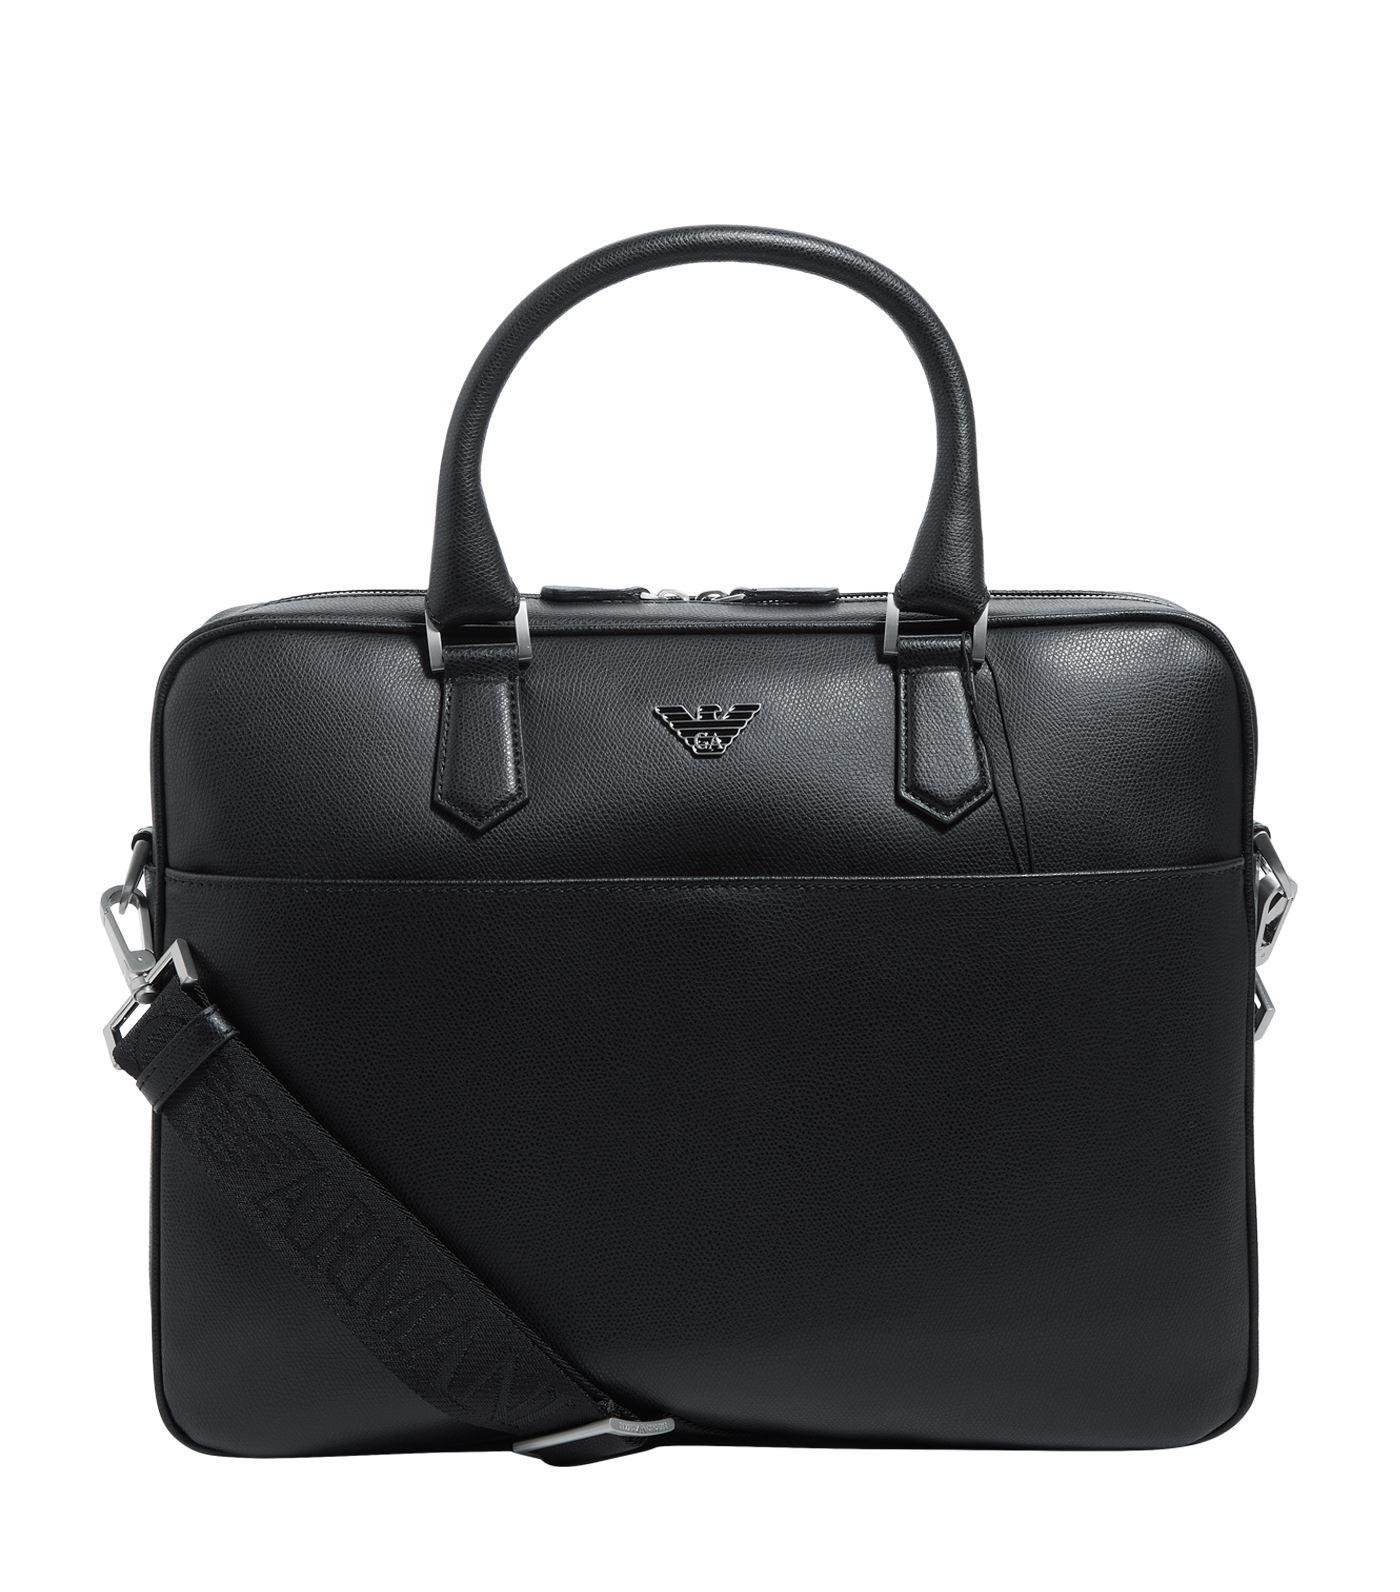 f93856ef7f Lyst - Emporio Armani Leather Eagle Briefcase in Black for Men